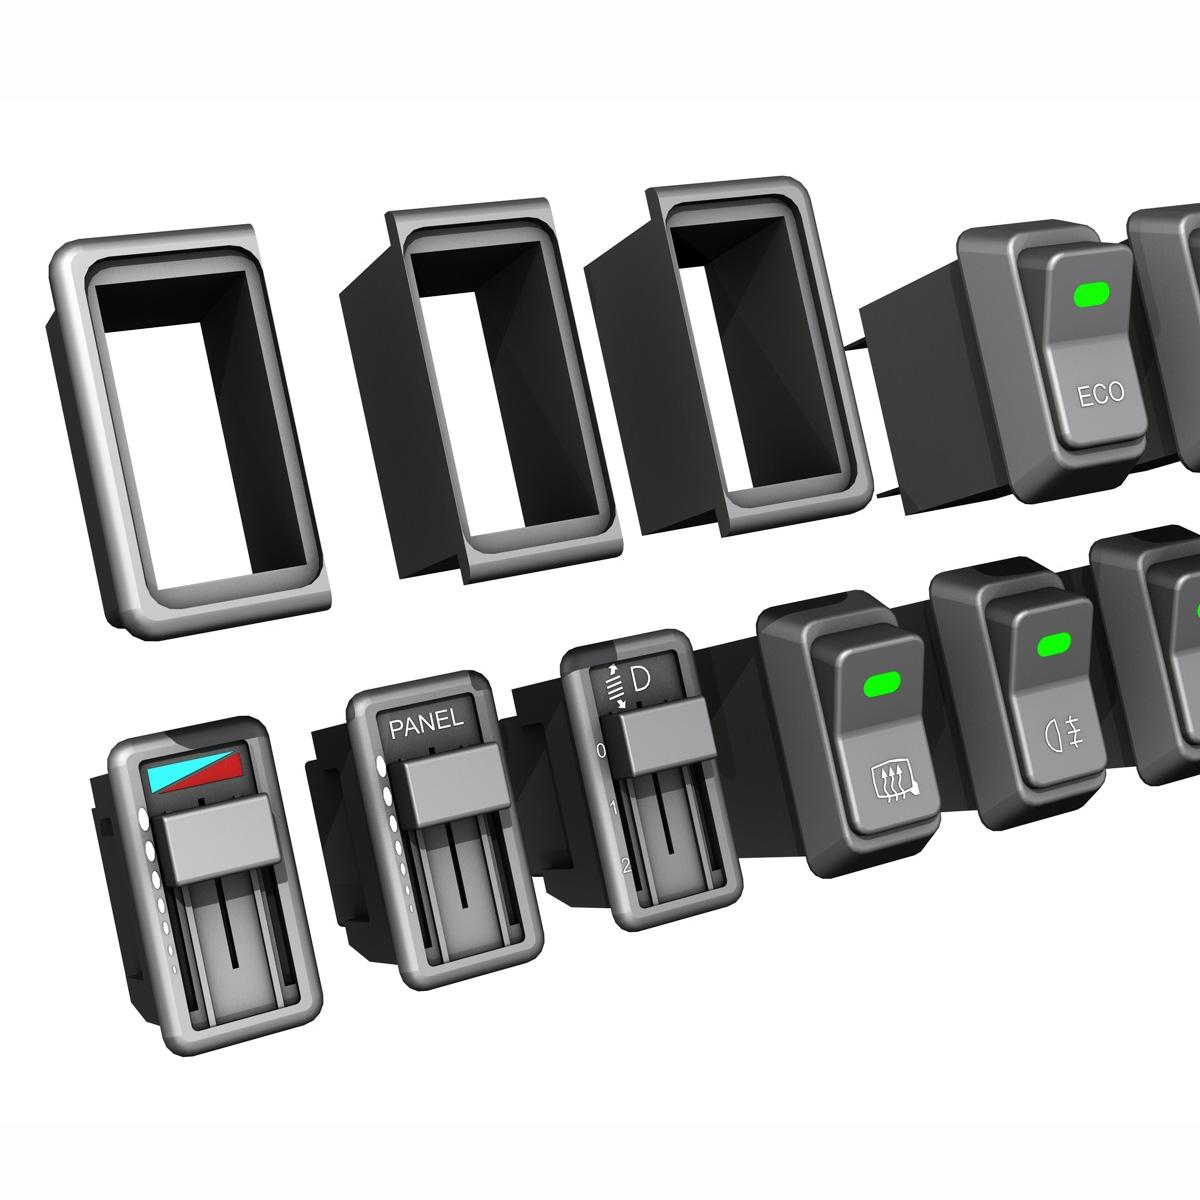 rocker switches for vehicle 3d model 3ds fbx c4d lwo obj 189301